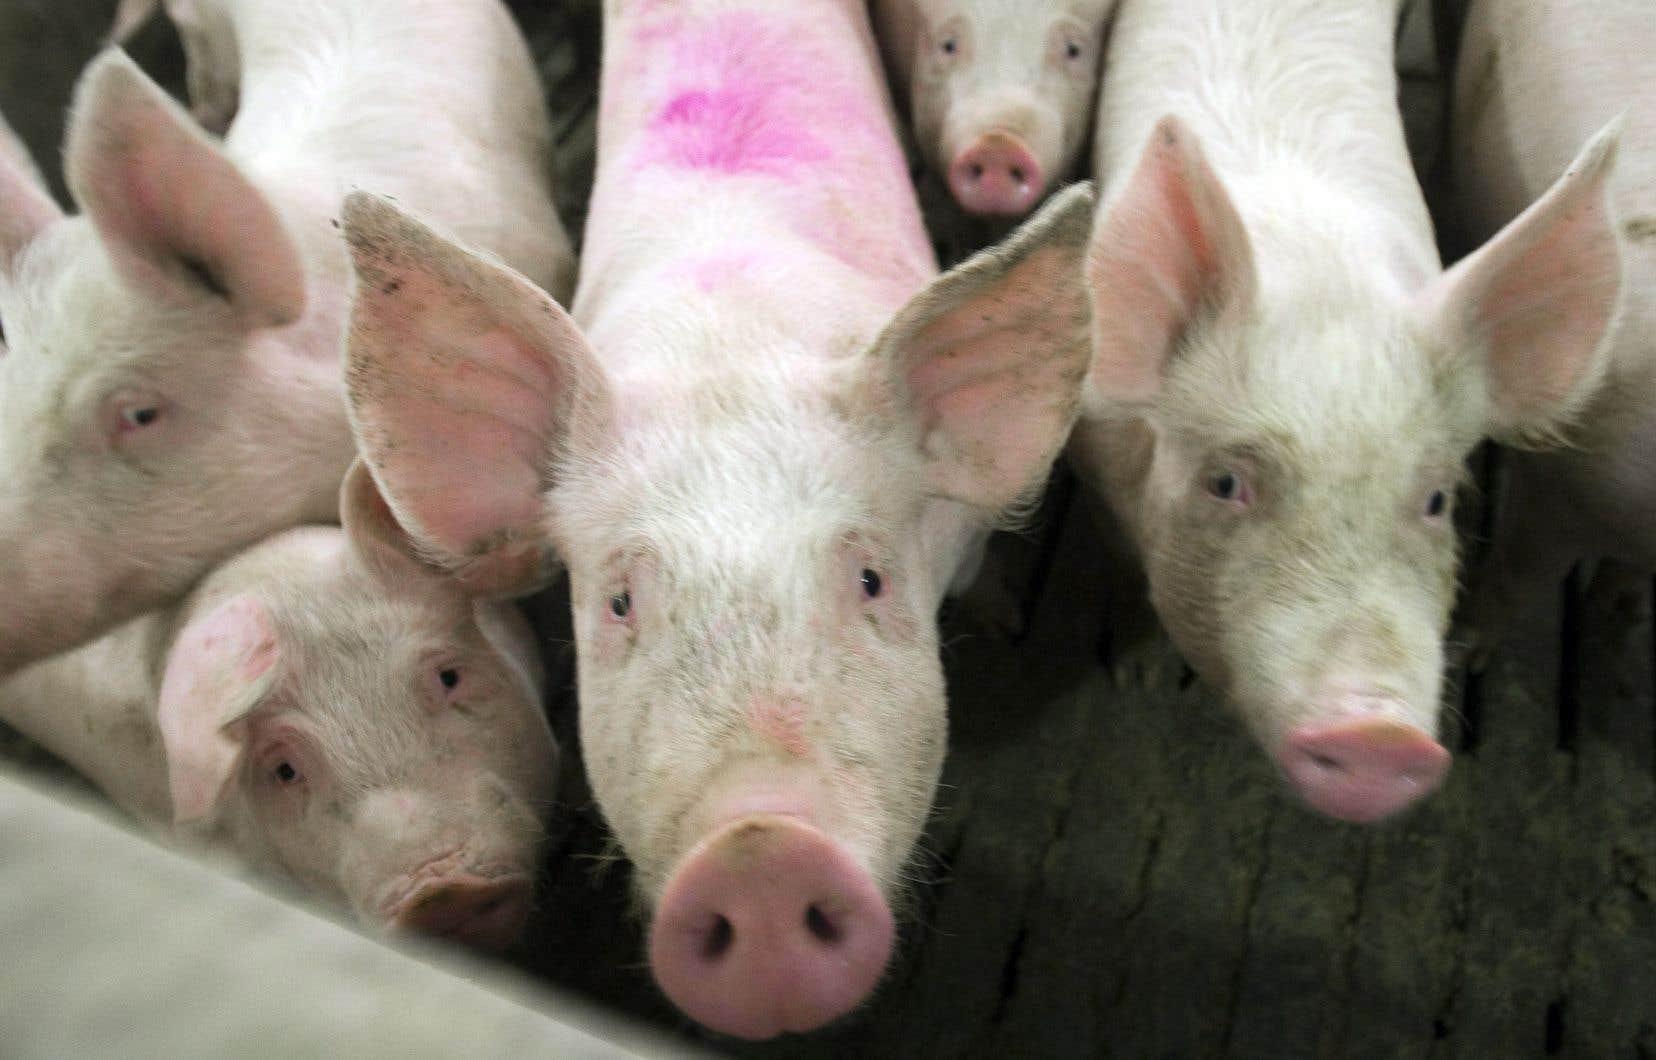 La Chine a importé 151millions de tonnes de porc québécois en 2018, soit un peu plus que les États-Unis (145millions de tonnes), selon Les éleveurs de porcs du Québec.